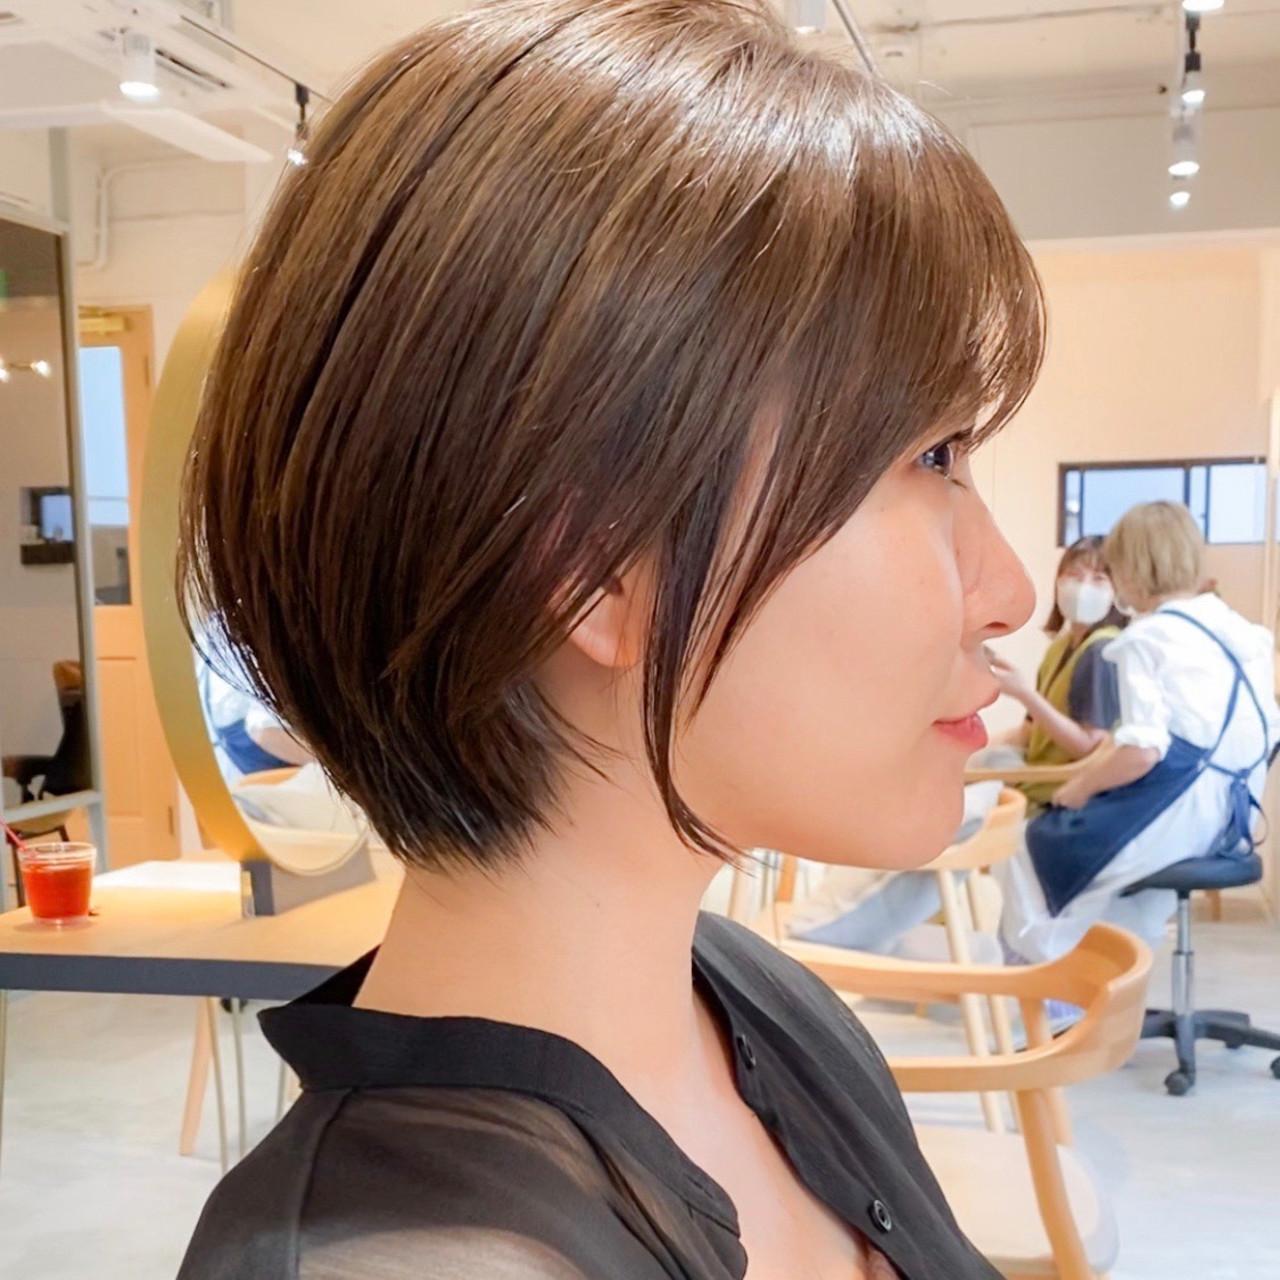 ナチュラル アンニュイほつれヘア 大人かわいい ショートヘアスタイルや髪型の写真・画像